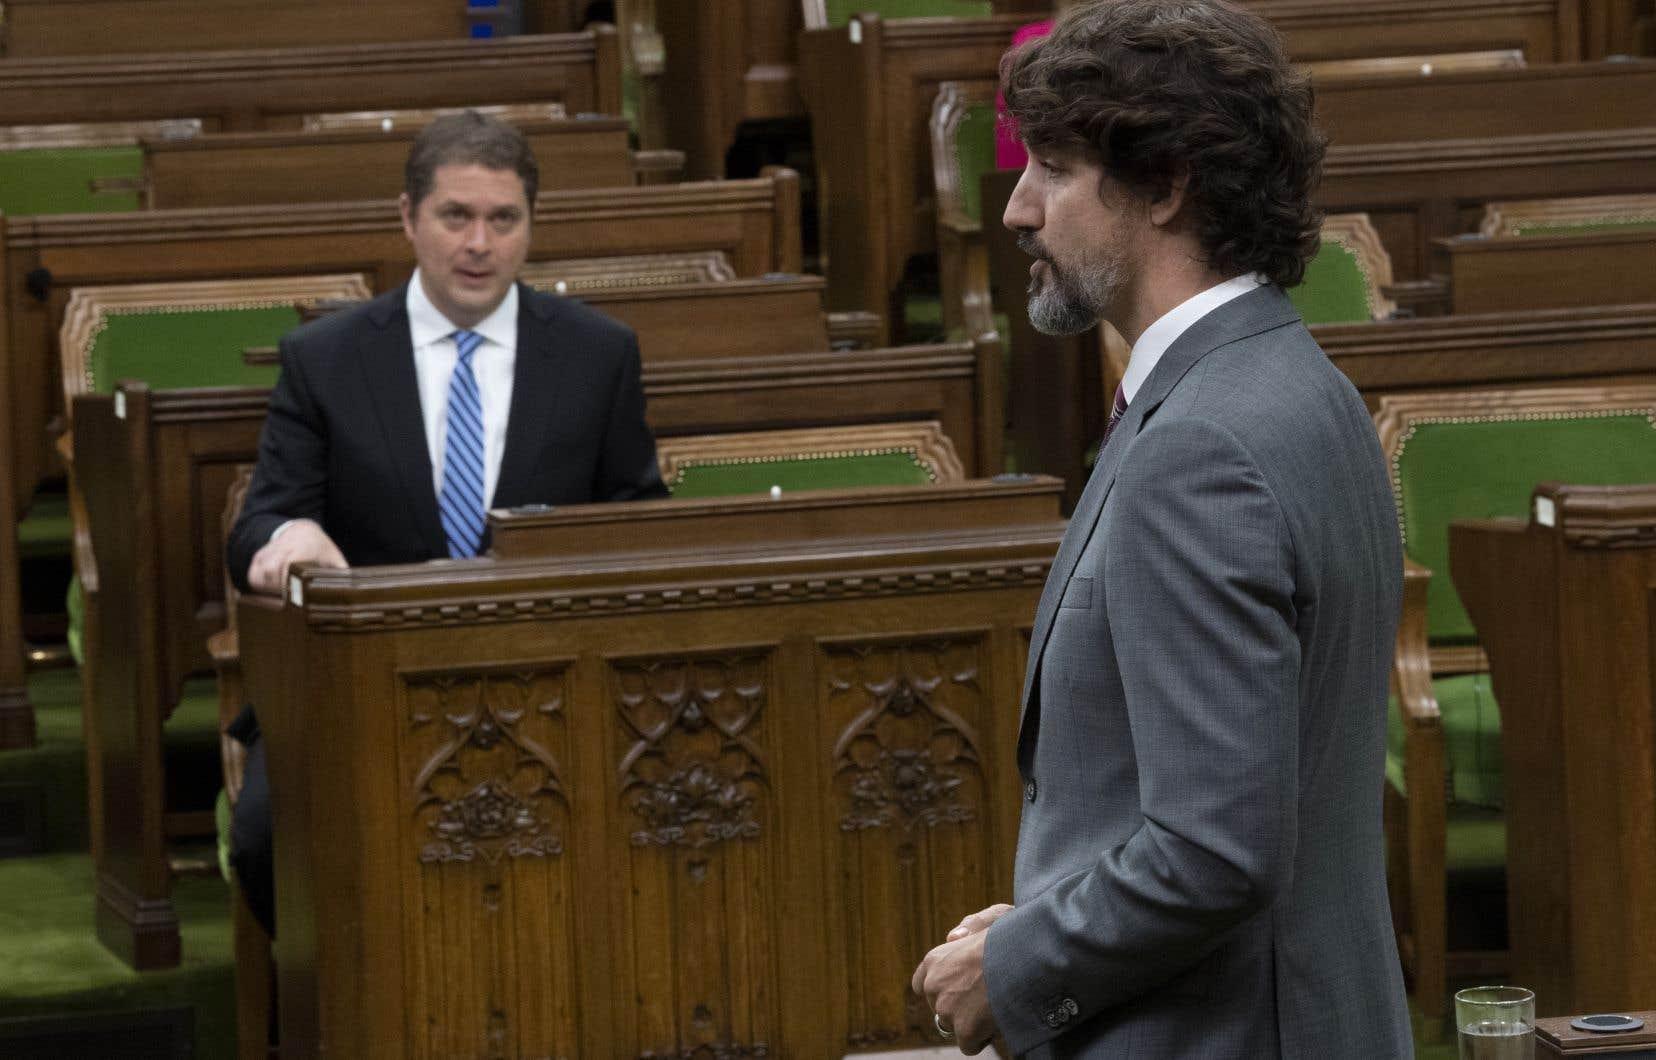 Quatre des cinq partis politiques représentés à la Chambre des communes ont réclamé la subvention salariale, car leurs levées de fonds ont cessé pendant la pandémie.